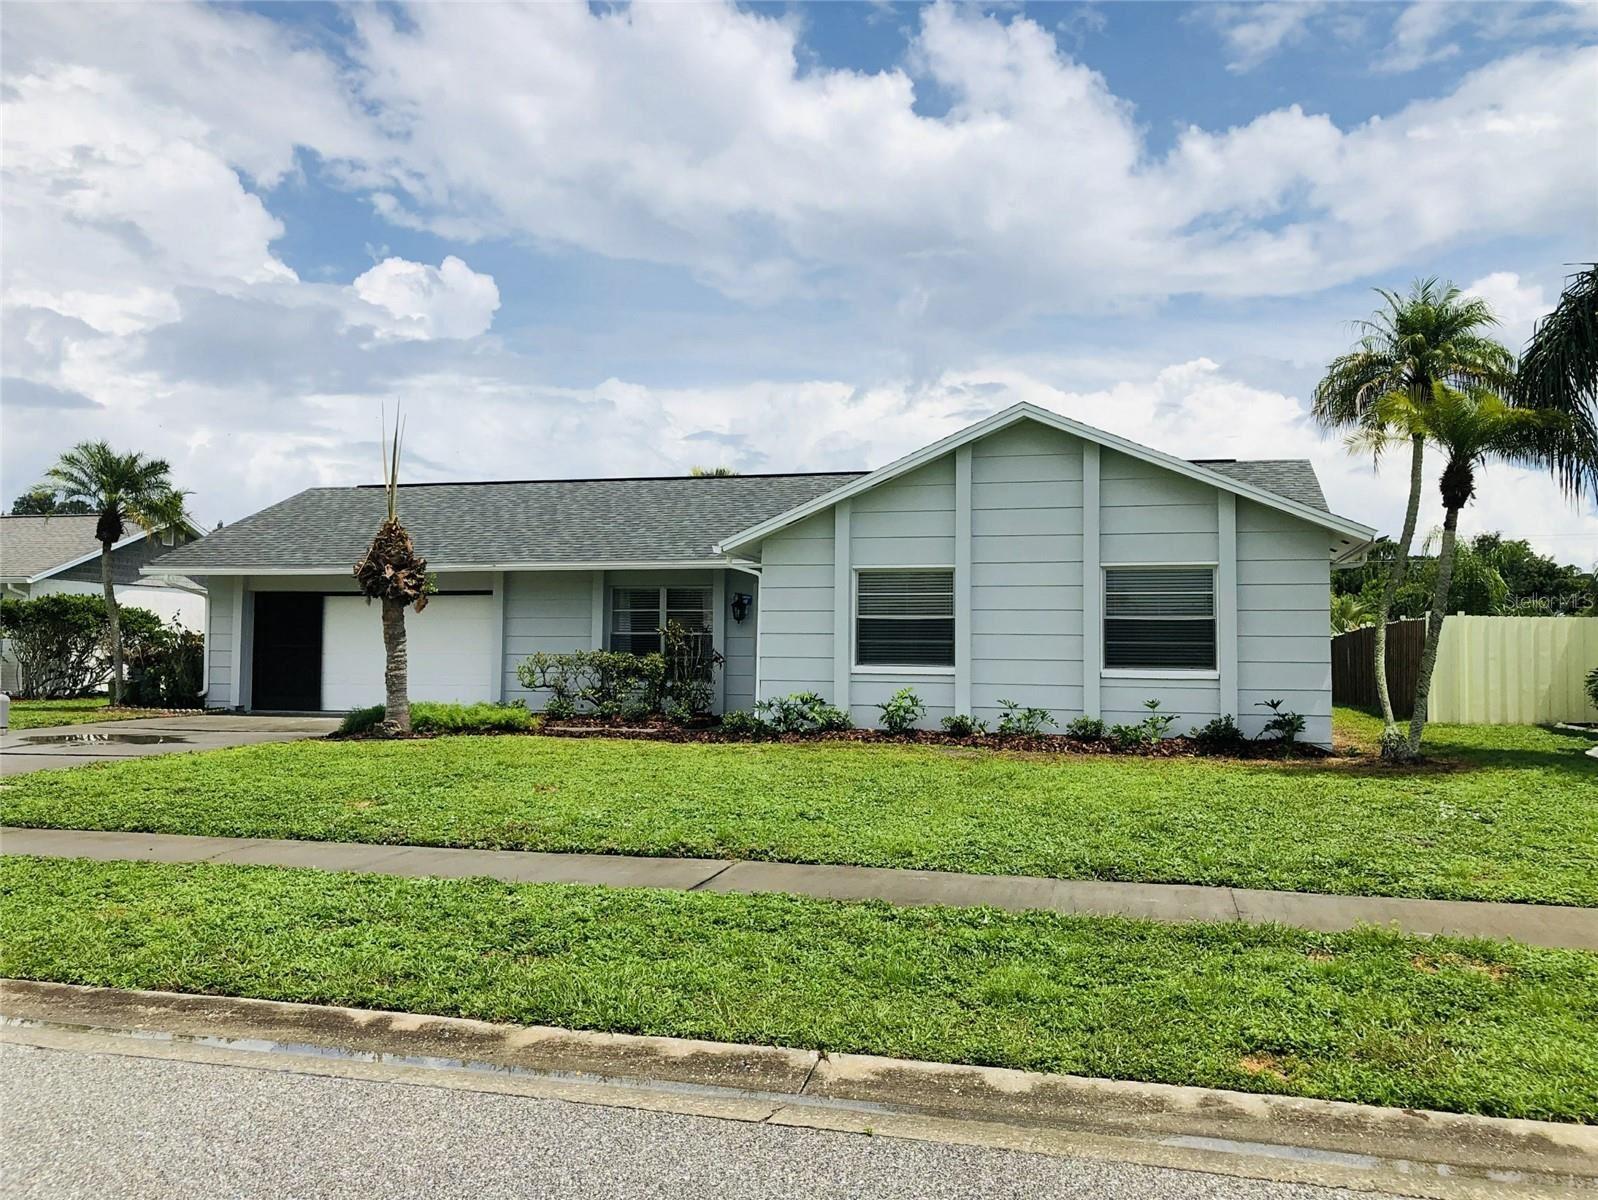 6358 CUTLER TERRACE, Port Charlotte, FL 33981 - #: U8136014